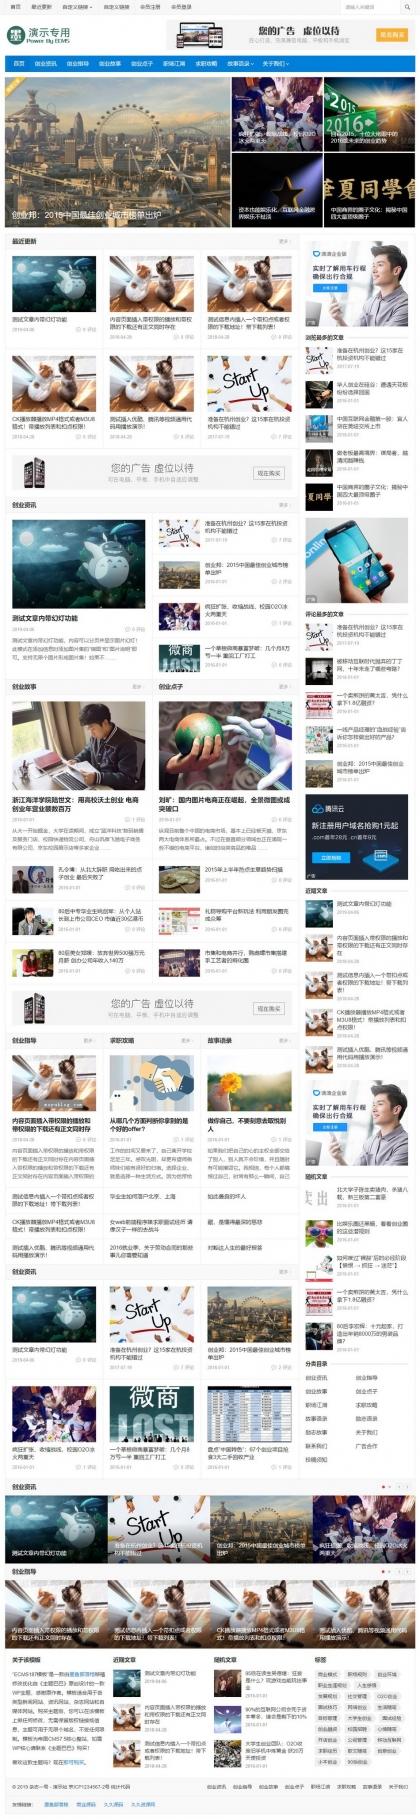 视频会员播放软件下载资讯新闻门户自适应手机HTML5帝国CMS整站模版